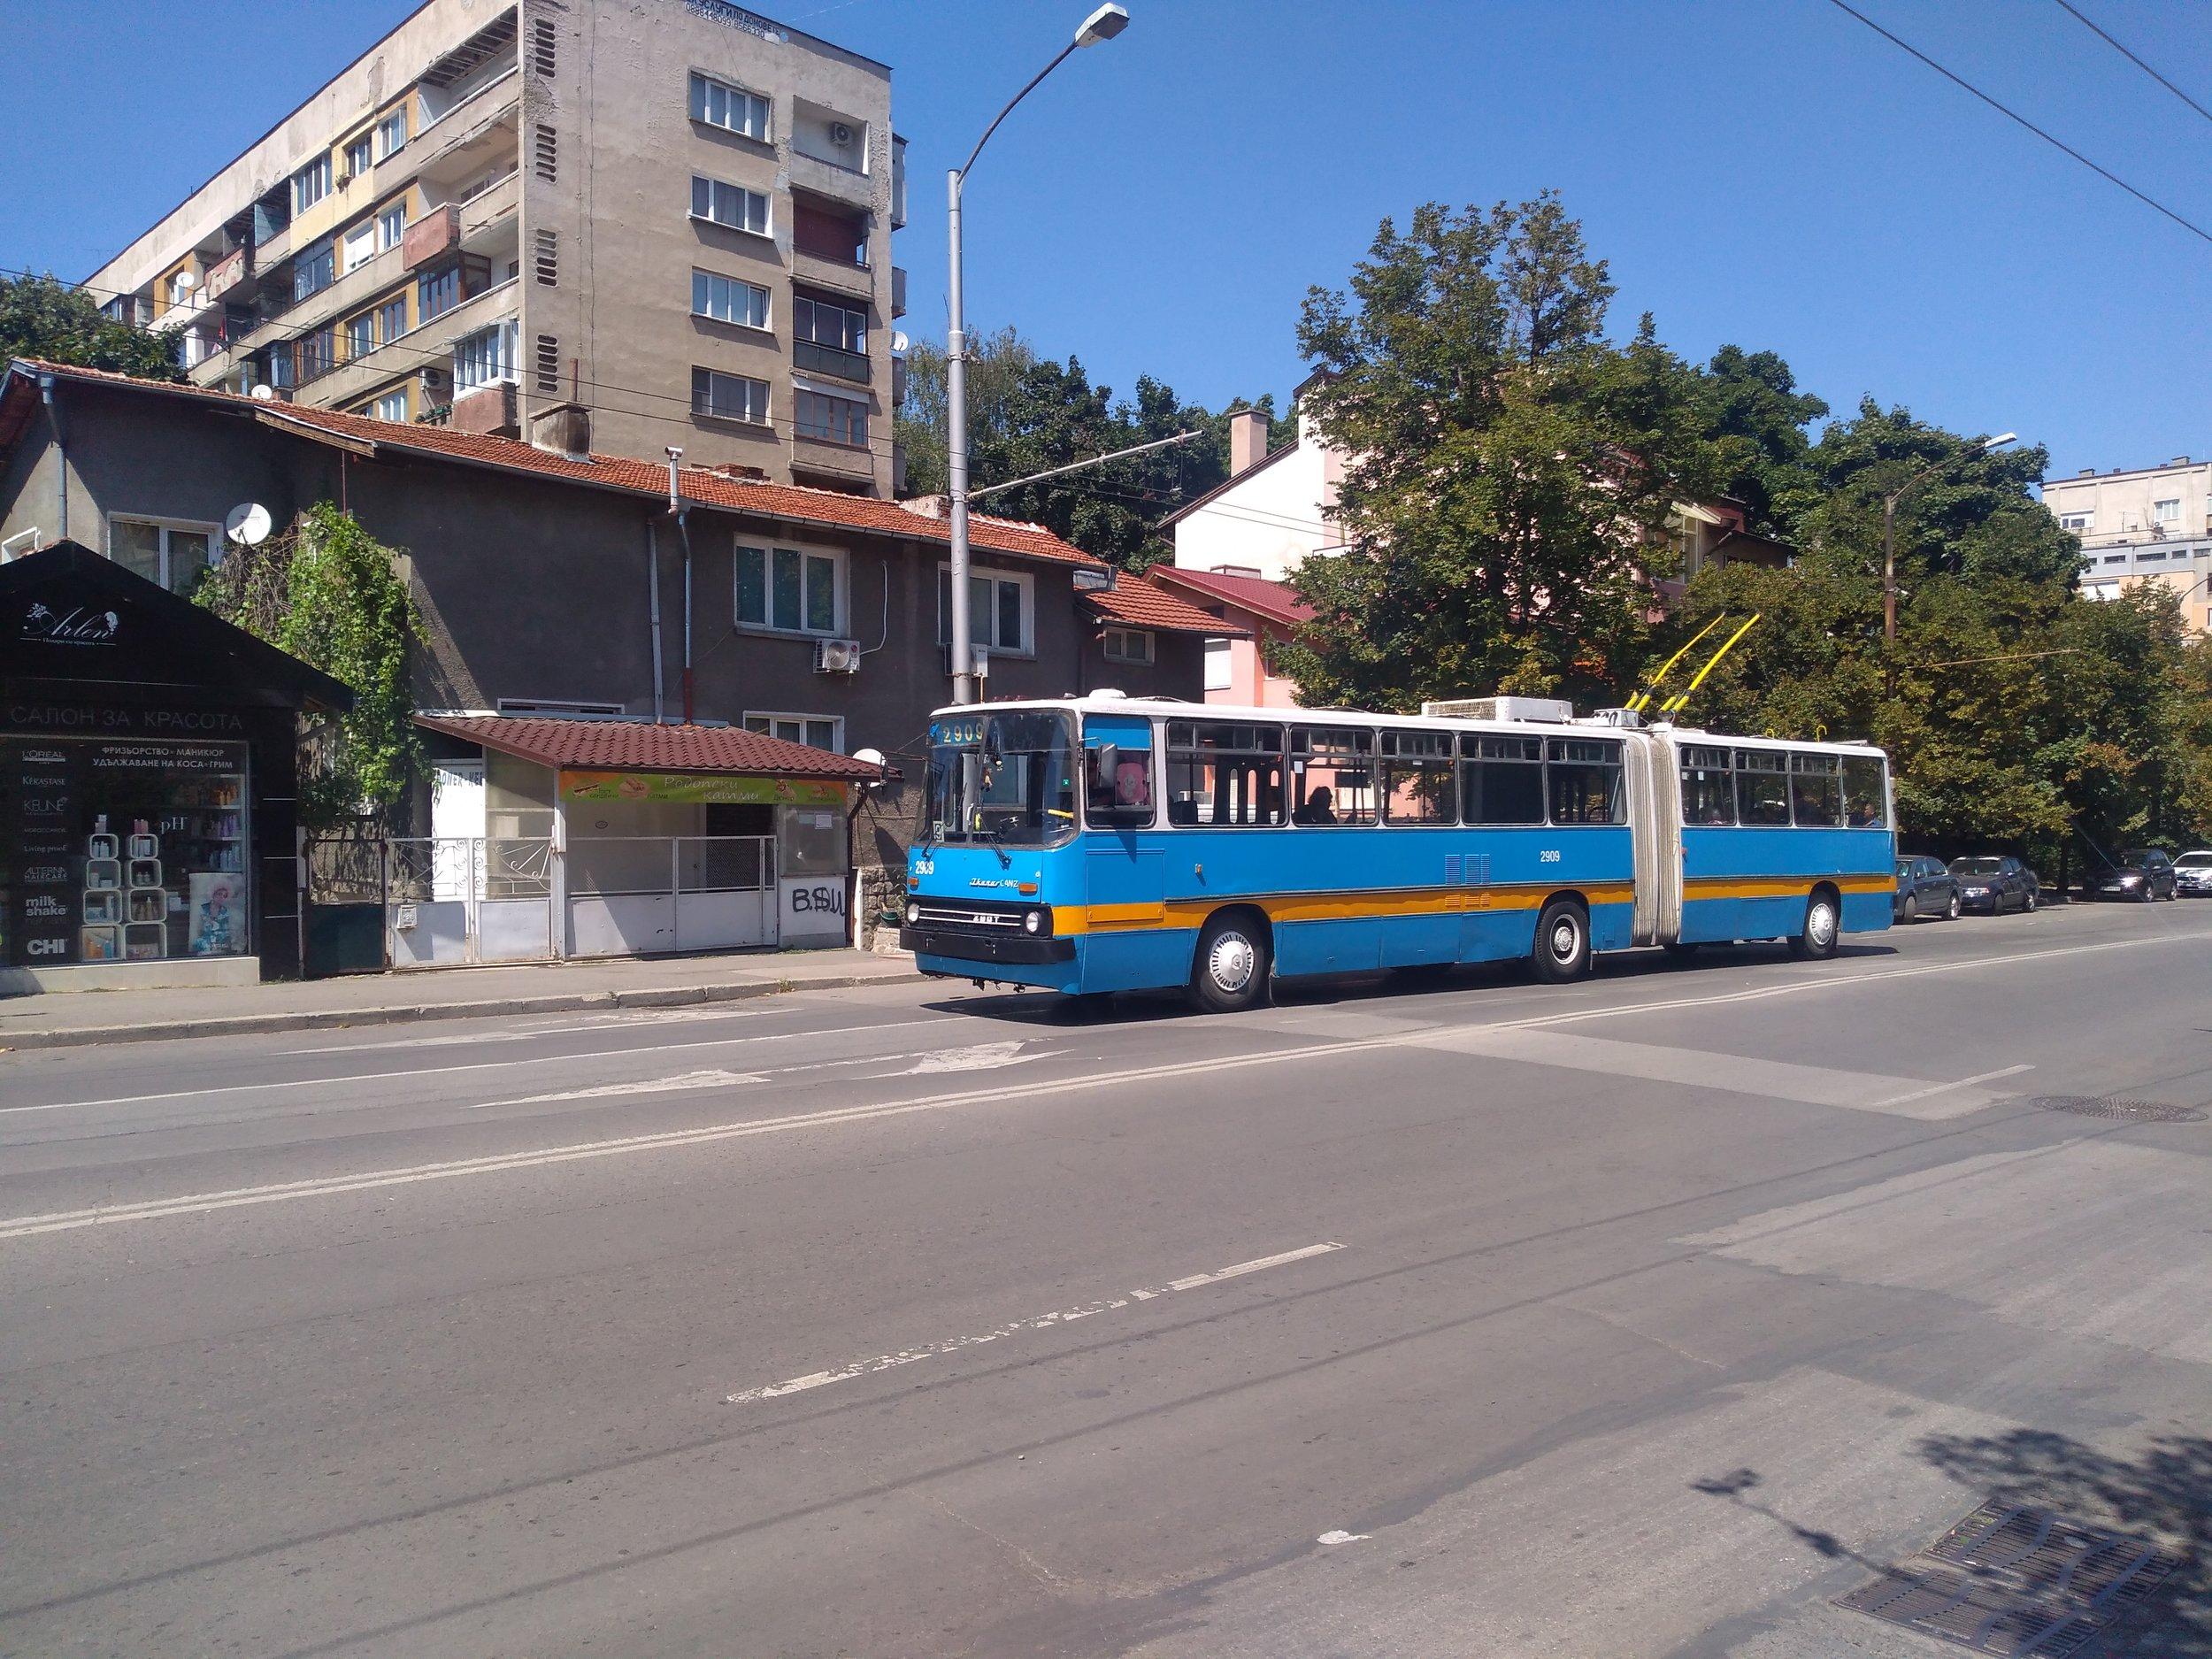 Ikarus 280.92 se prohání v jižní části města dne 20. 8. 2019.